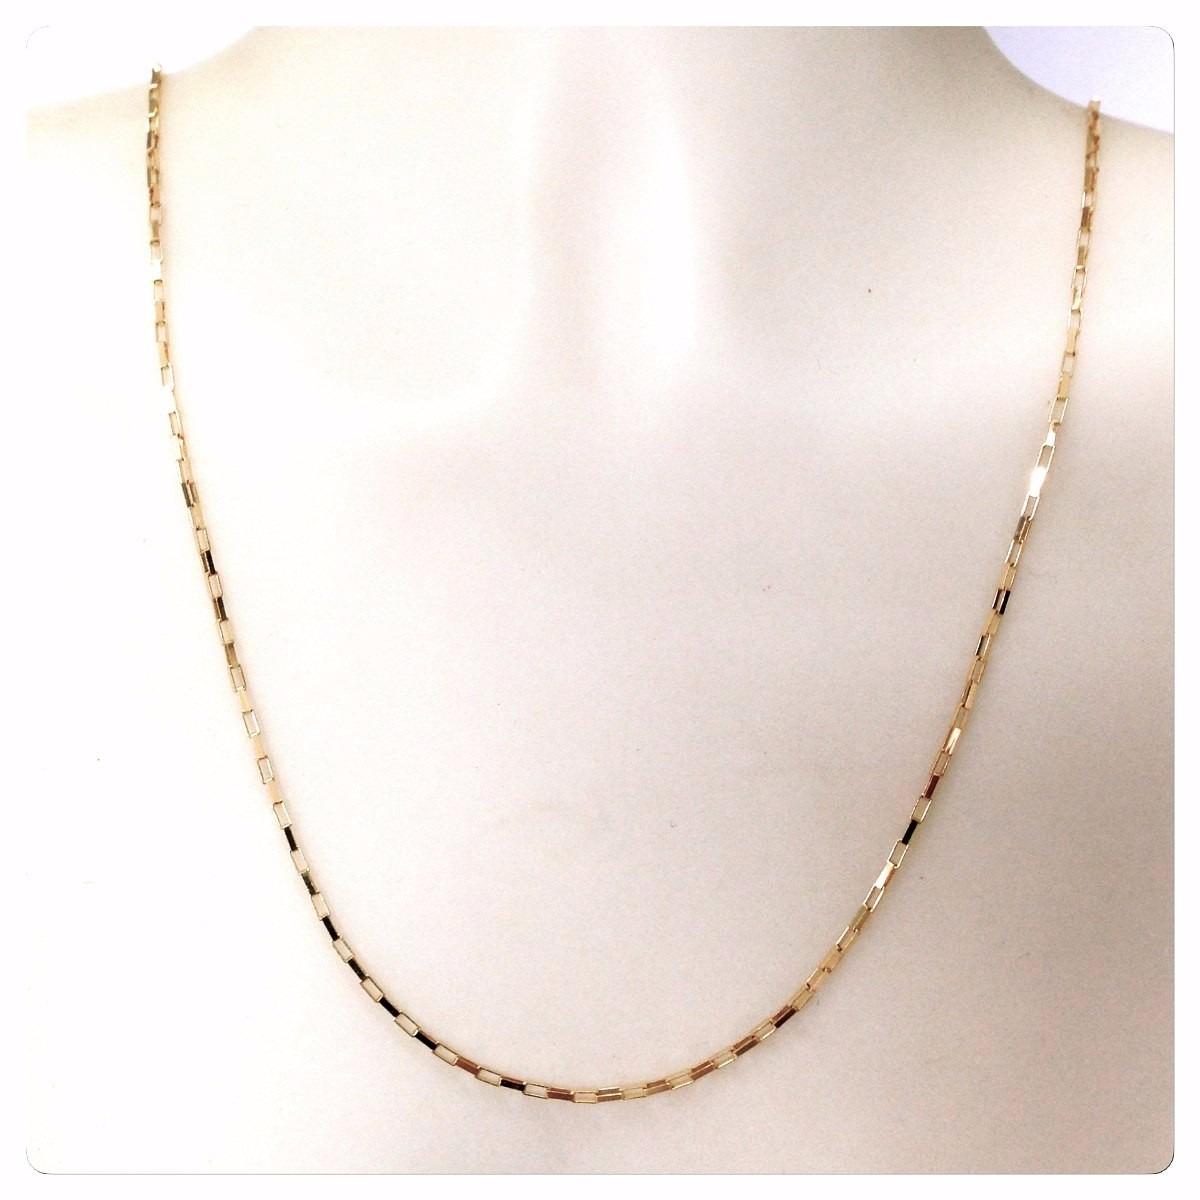 bfdea563e45 cordão corrente veneziana elo longo masculino em ouro 18k750. Carregando  zoom.